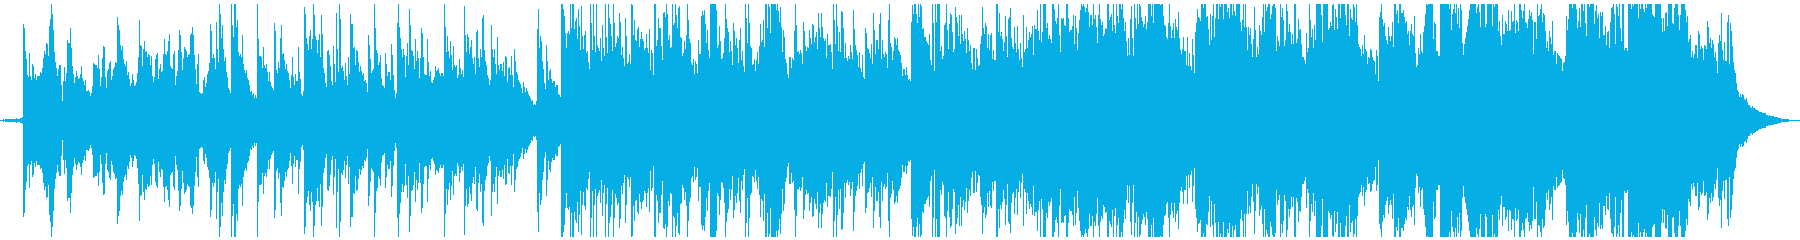 生演奏・チェロとピアノの切ないバラードの再生済みの波形